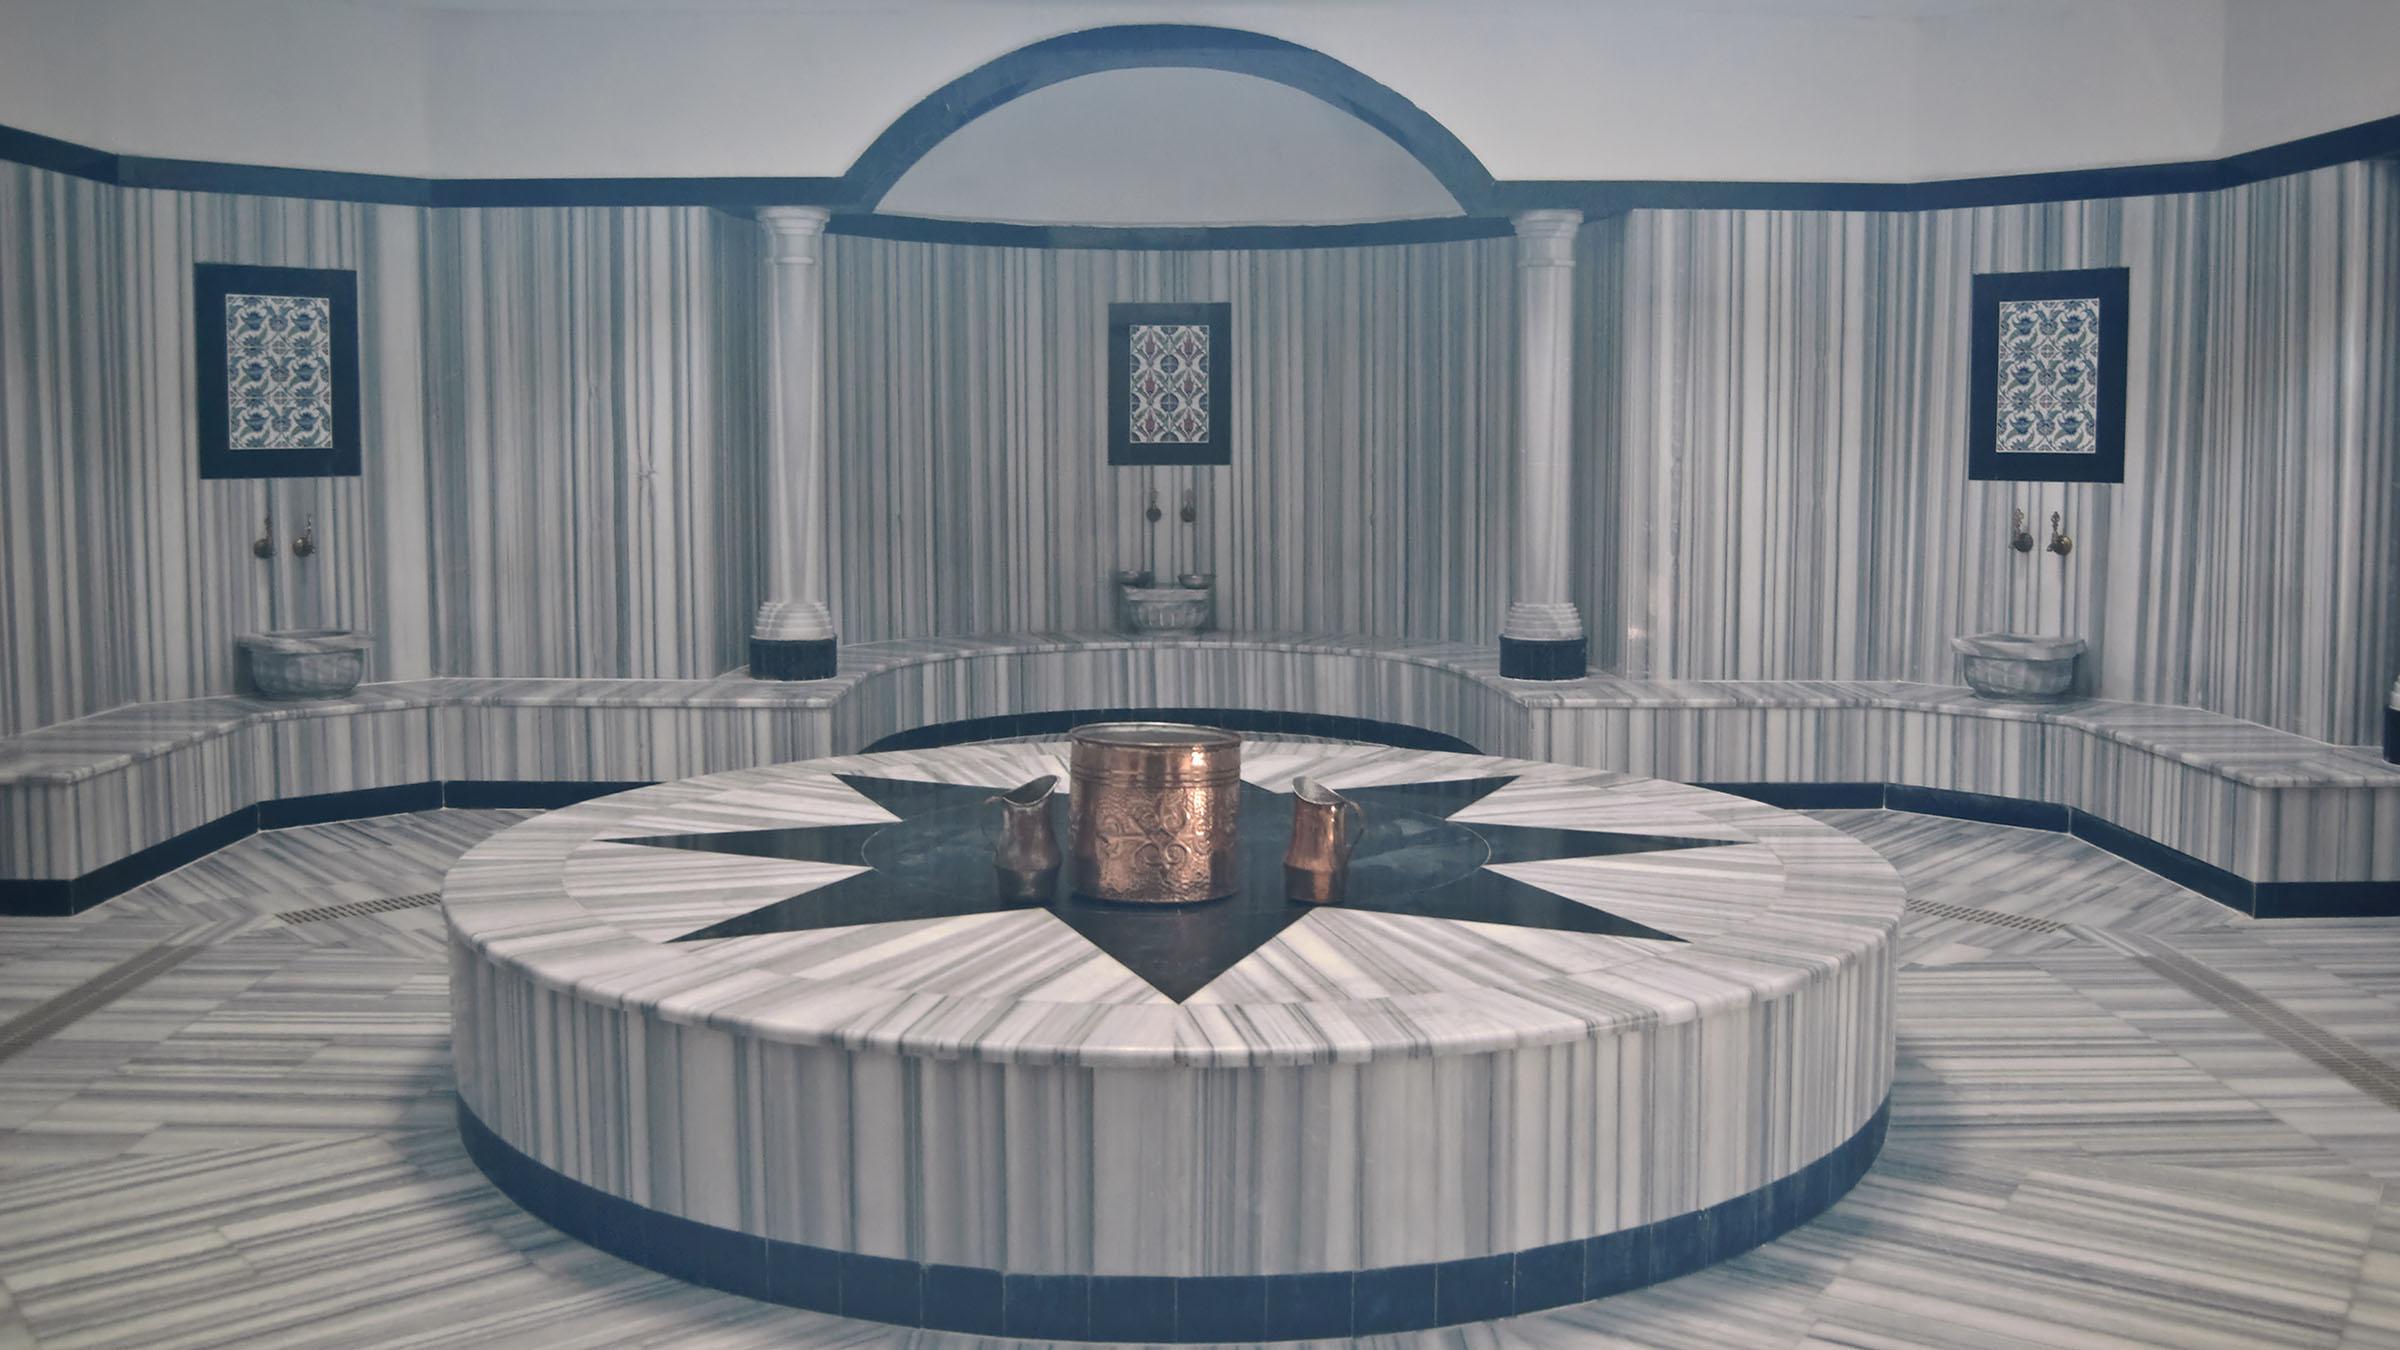 Las particularidades de un ba o turco - Sauna finlandesa o bano turco ...